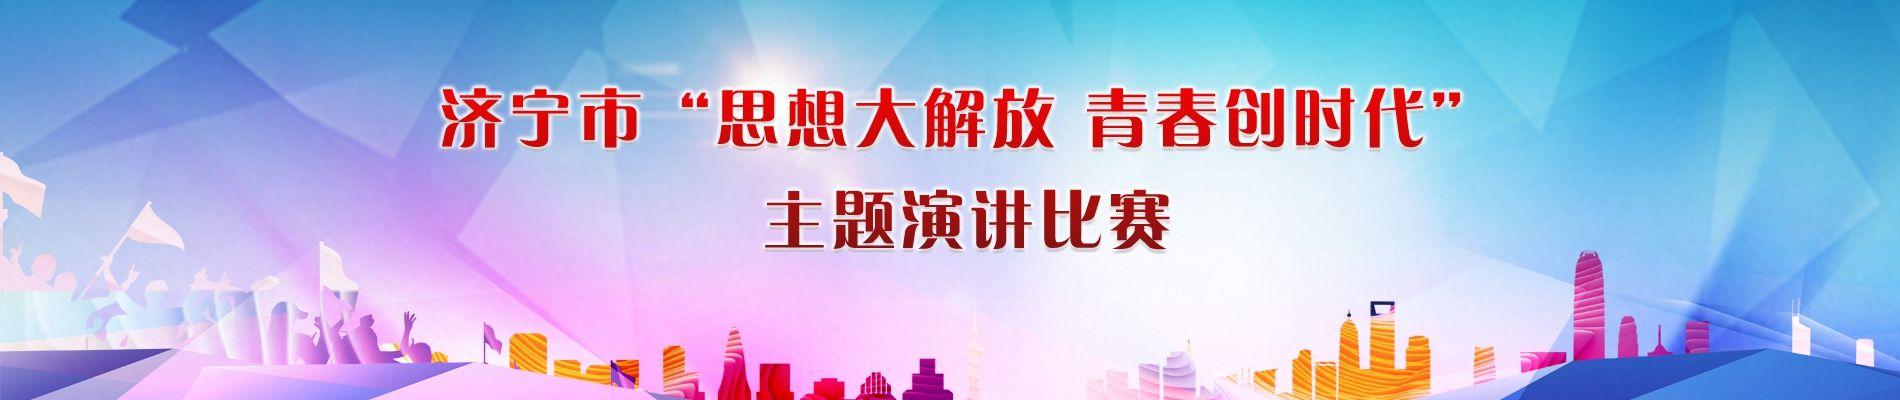 """济宁市""""思想大解放,青春创时代""""主题演讲比赛"""